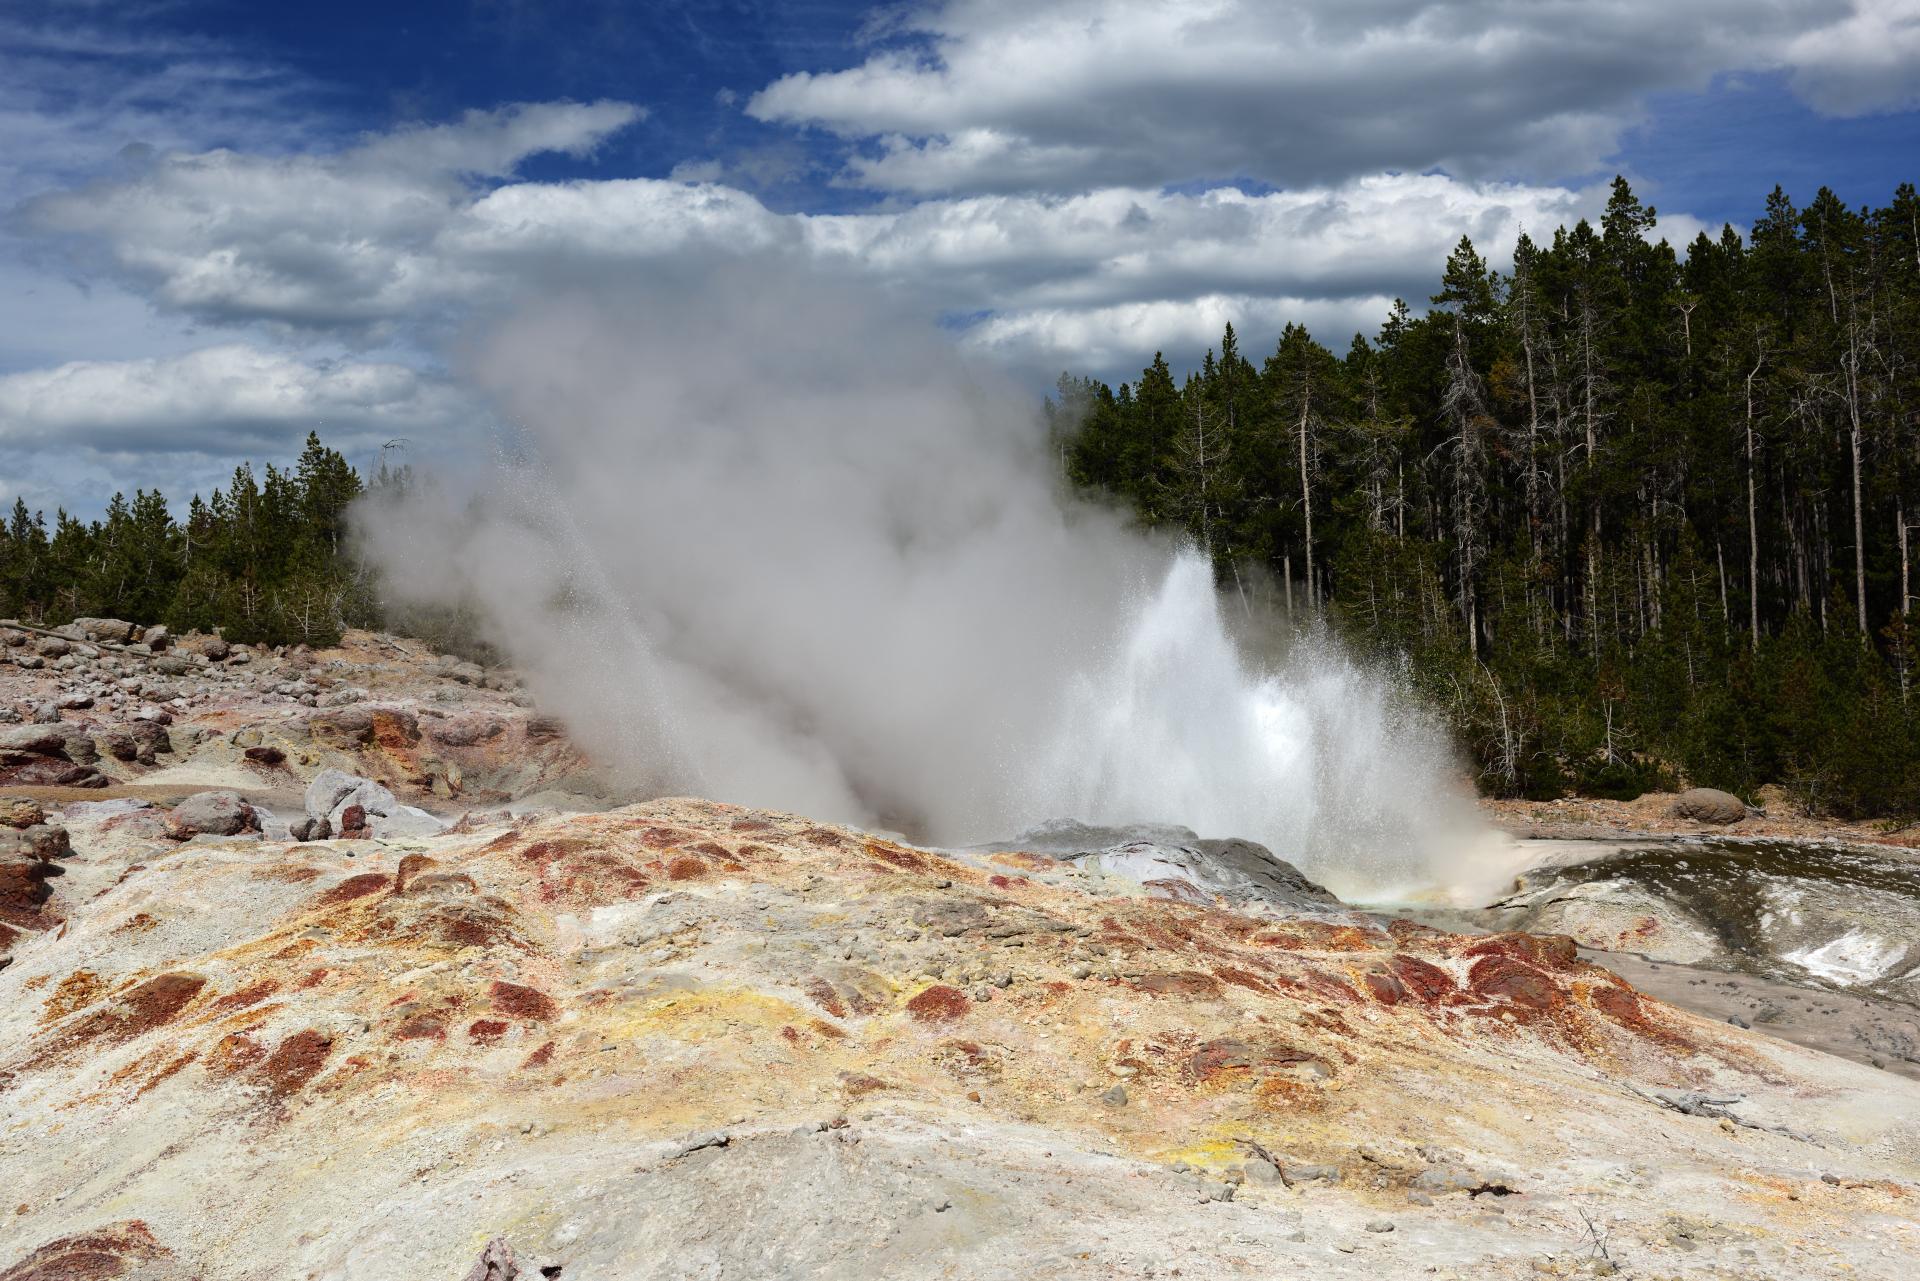 03 - Steamboat-Geysir im Yellowstone